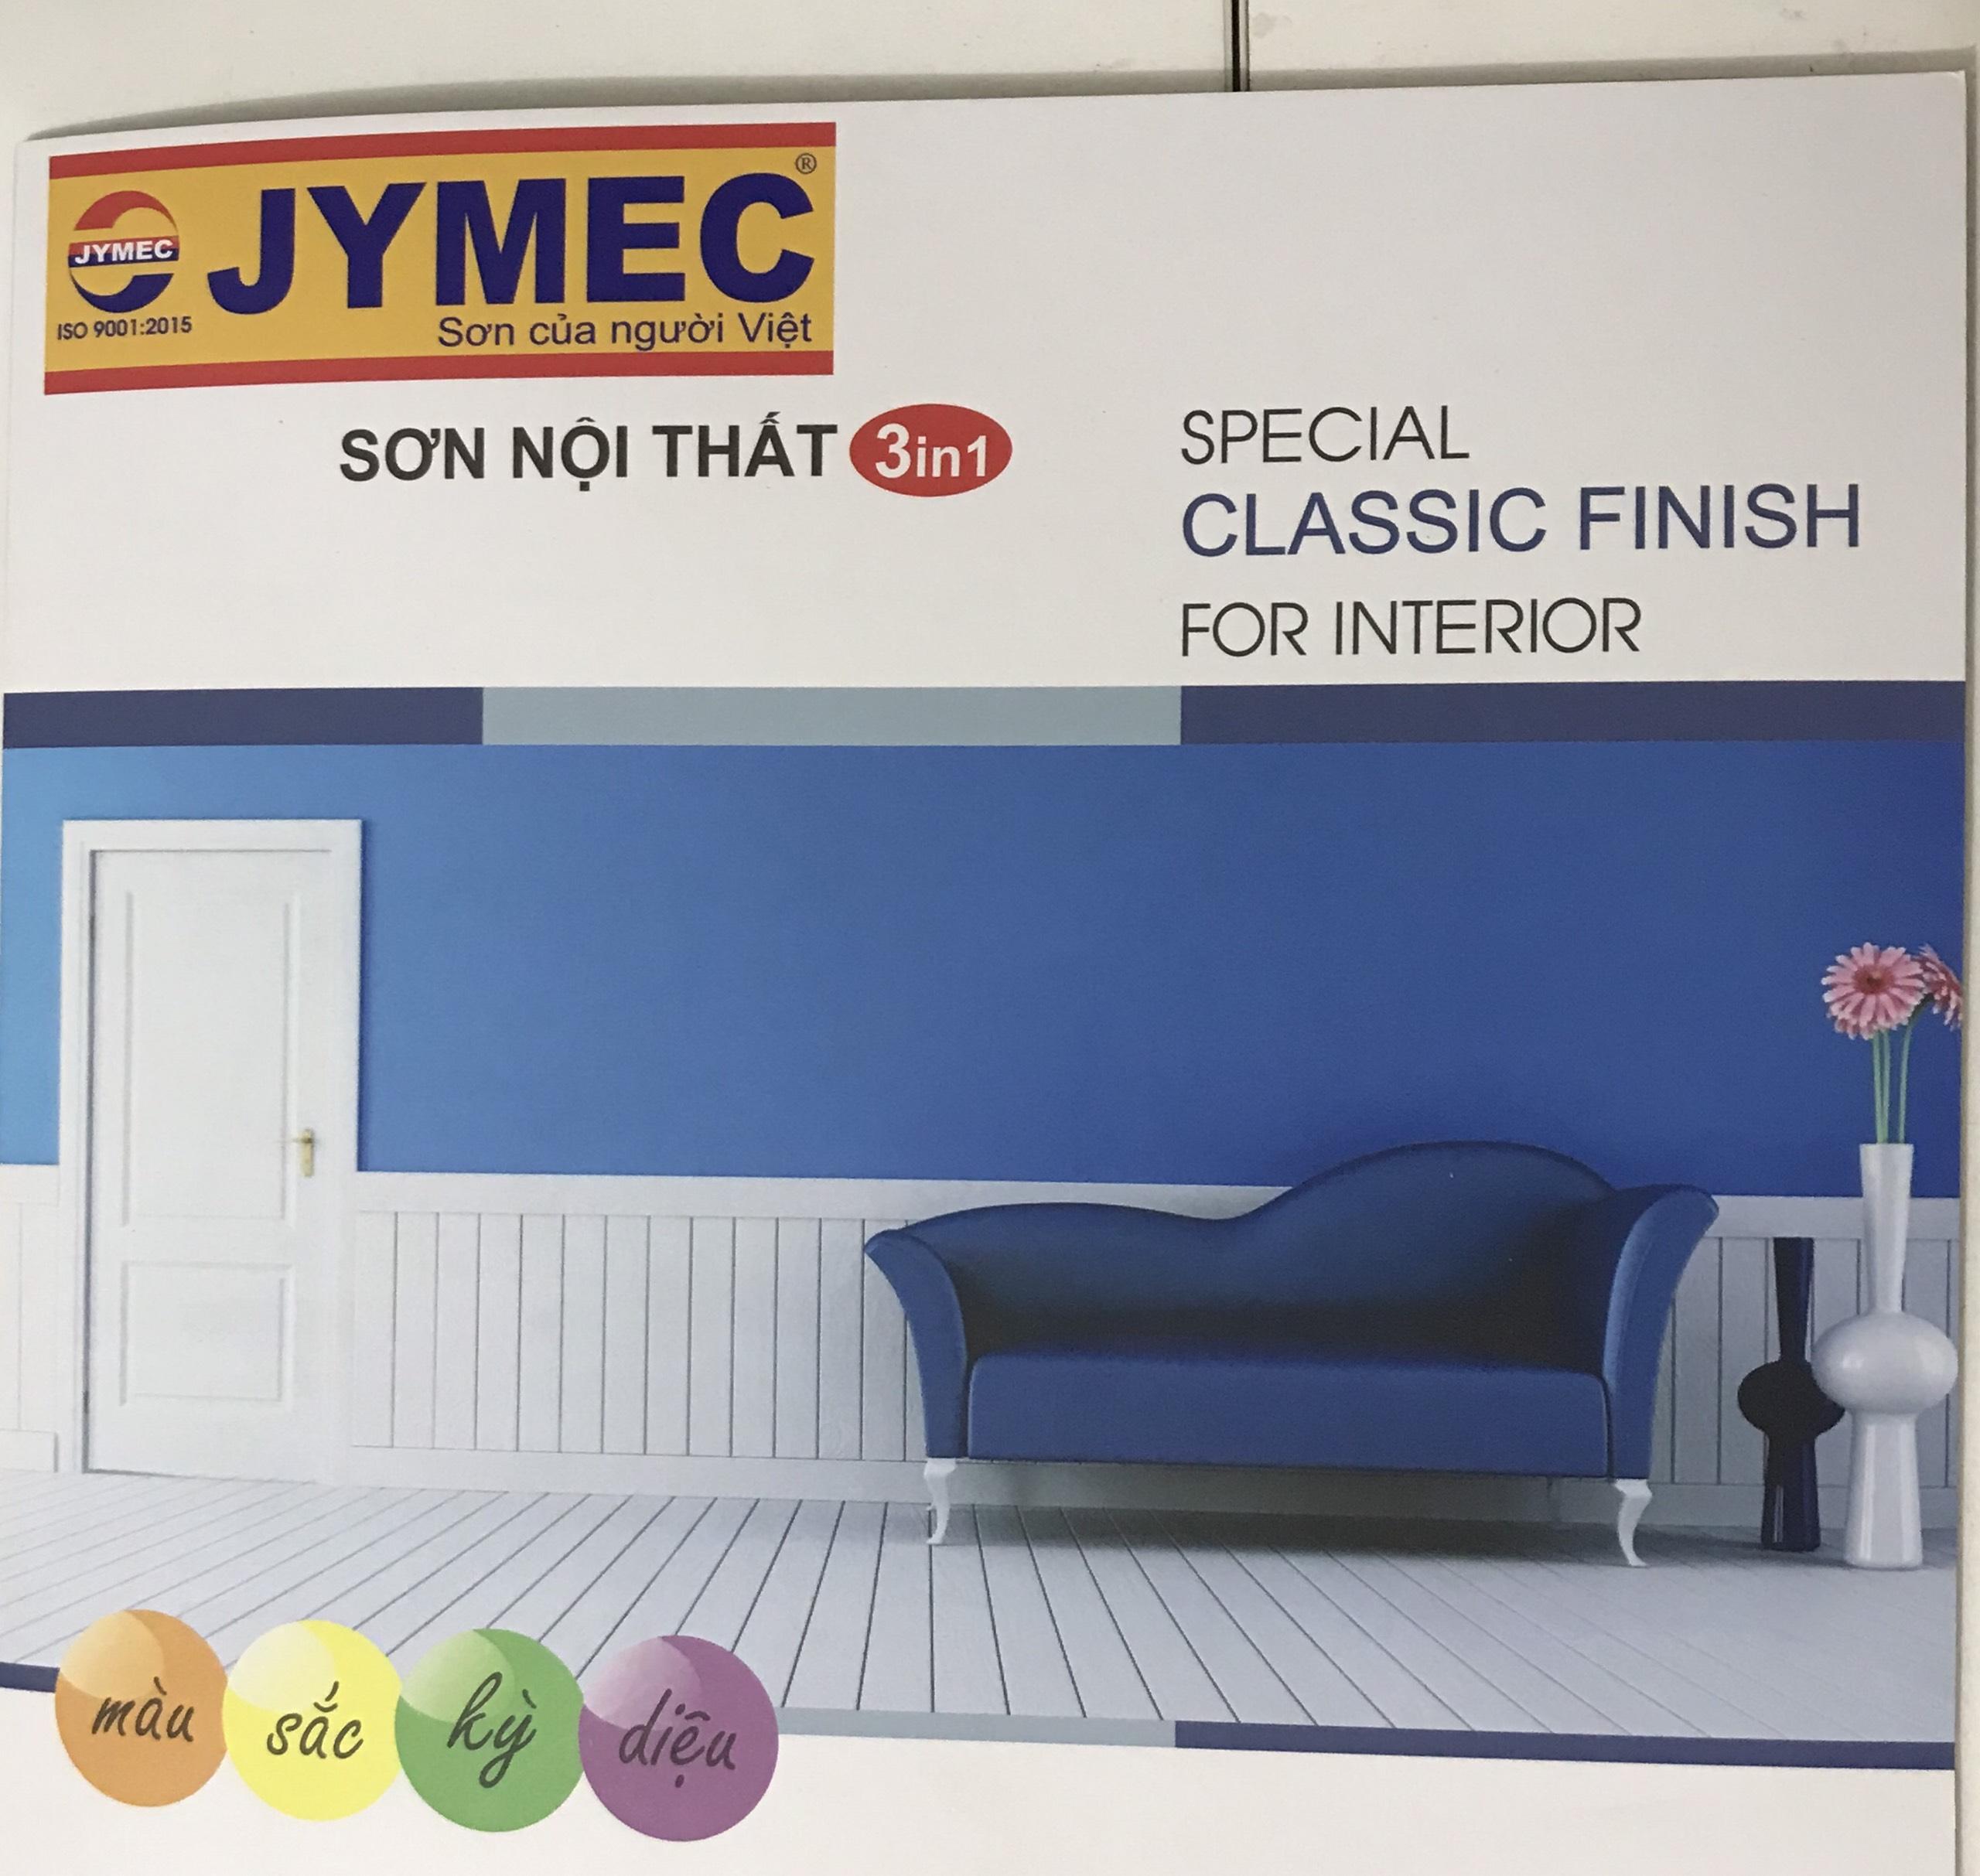 Bảng màu sơn Jymec nội thất 3in1